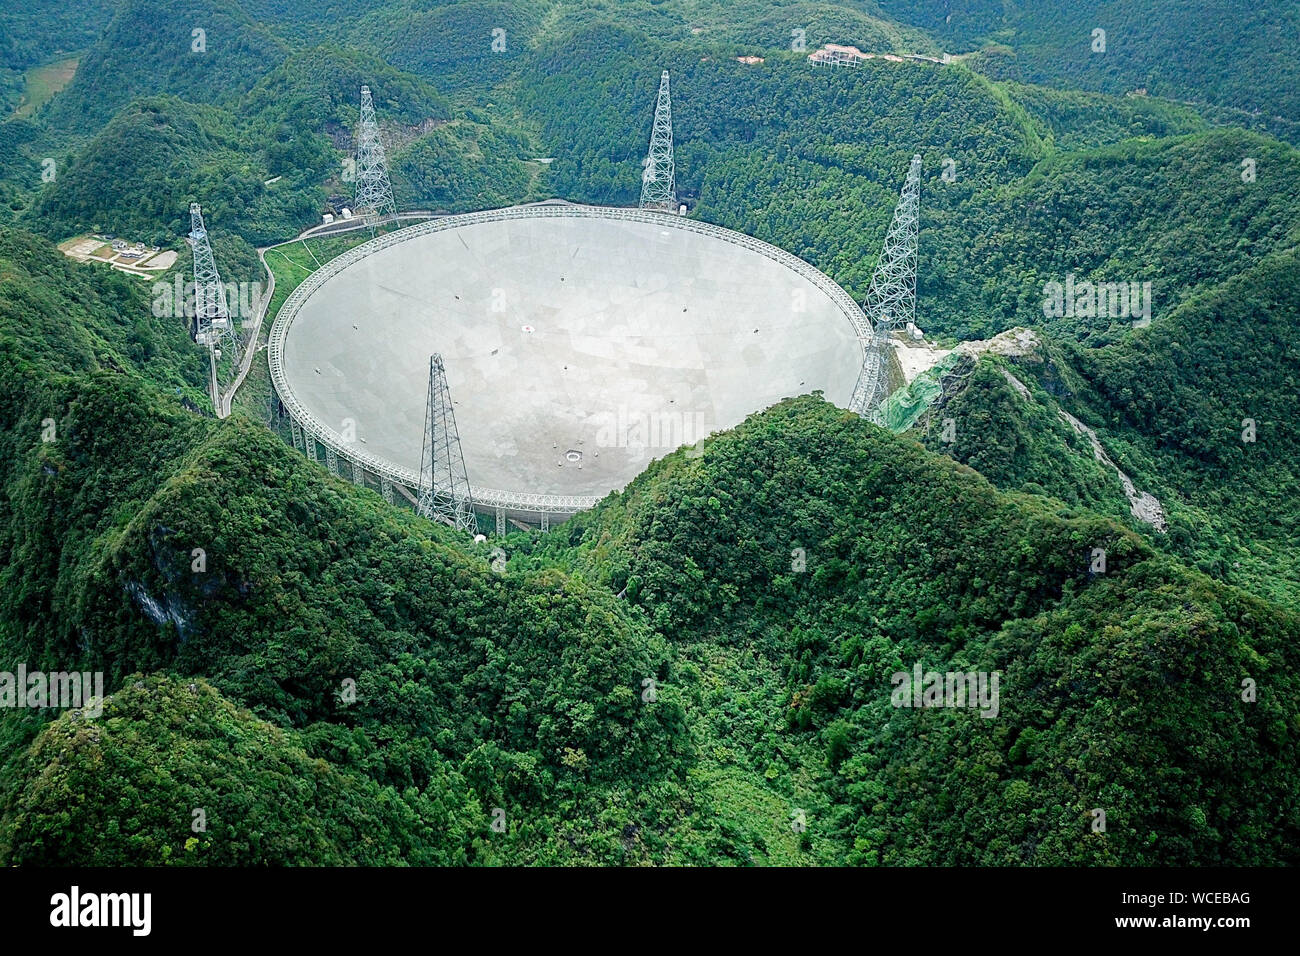 Pingtang. 27 Aug, 2019. Foto aérea tomada en agosto 27, 2019 muestra China del quinientos metros de radio telescopio esférico de abertura (FAST) en el sudoeste de la provincia de Guizhou en China. China es rápido, el más grande del mundo, el radiotelescopio de un solo plato, celebrarán el tercer aniversario de la operación que se inició en septiembre de 2016. Crédito: Ou Dongqu/Xinhua/Alamy Live News Foto de stock